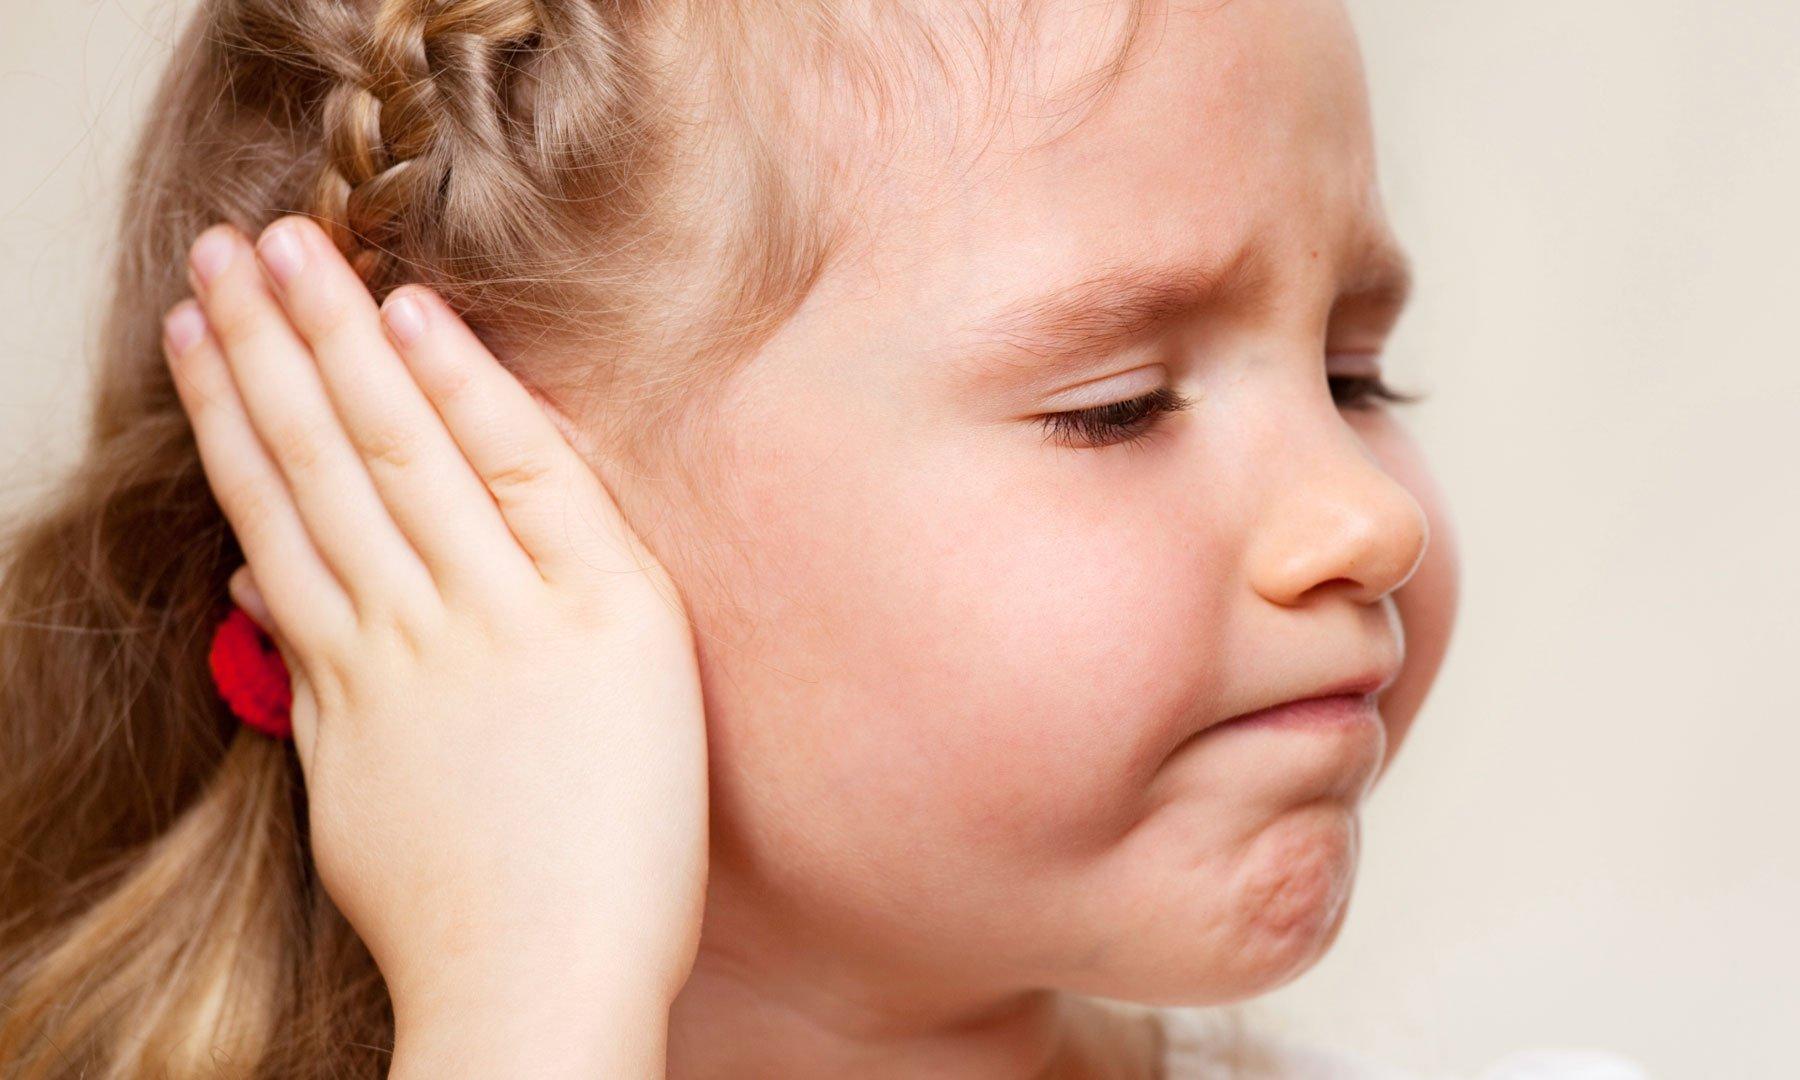 заложенность ушей после орви